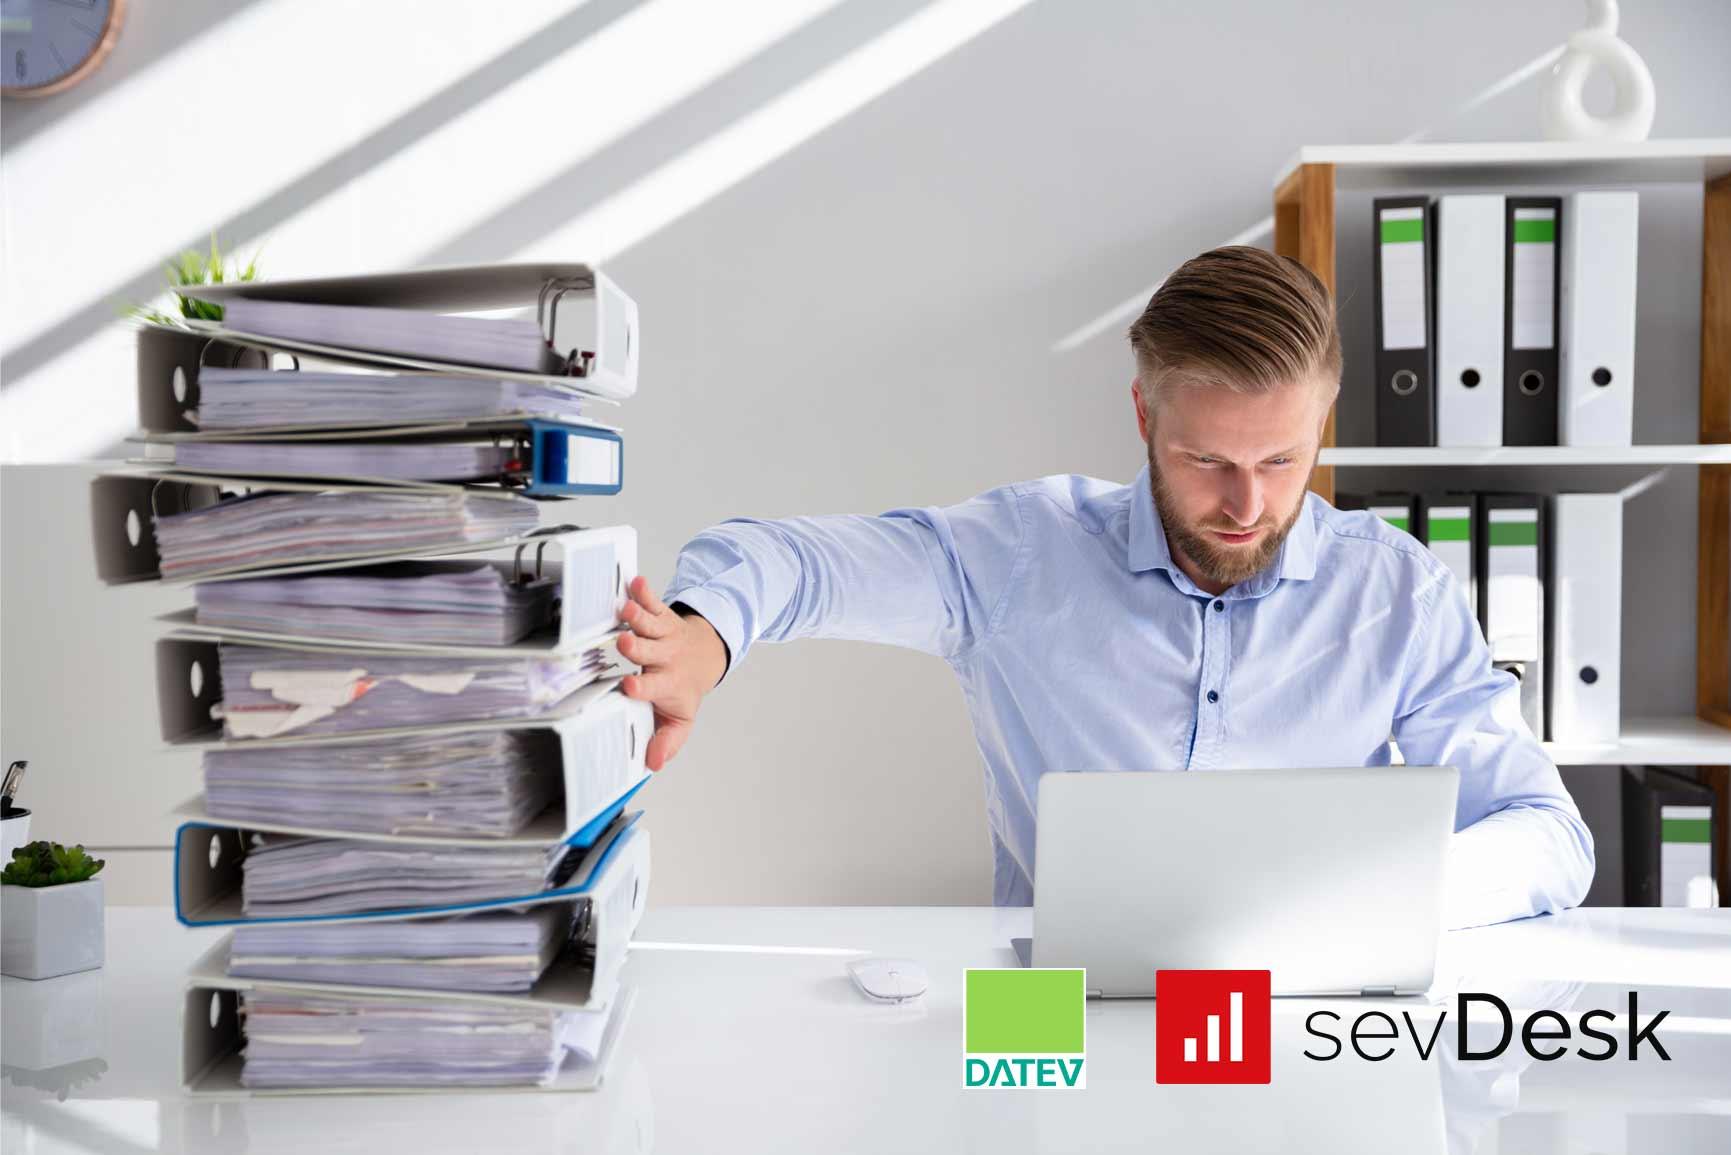 Buchhaltung mit sevDesk und DATEV Unternehmen online